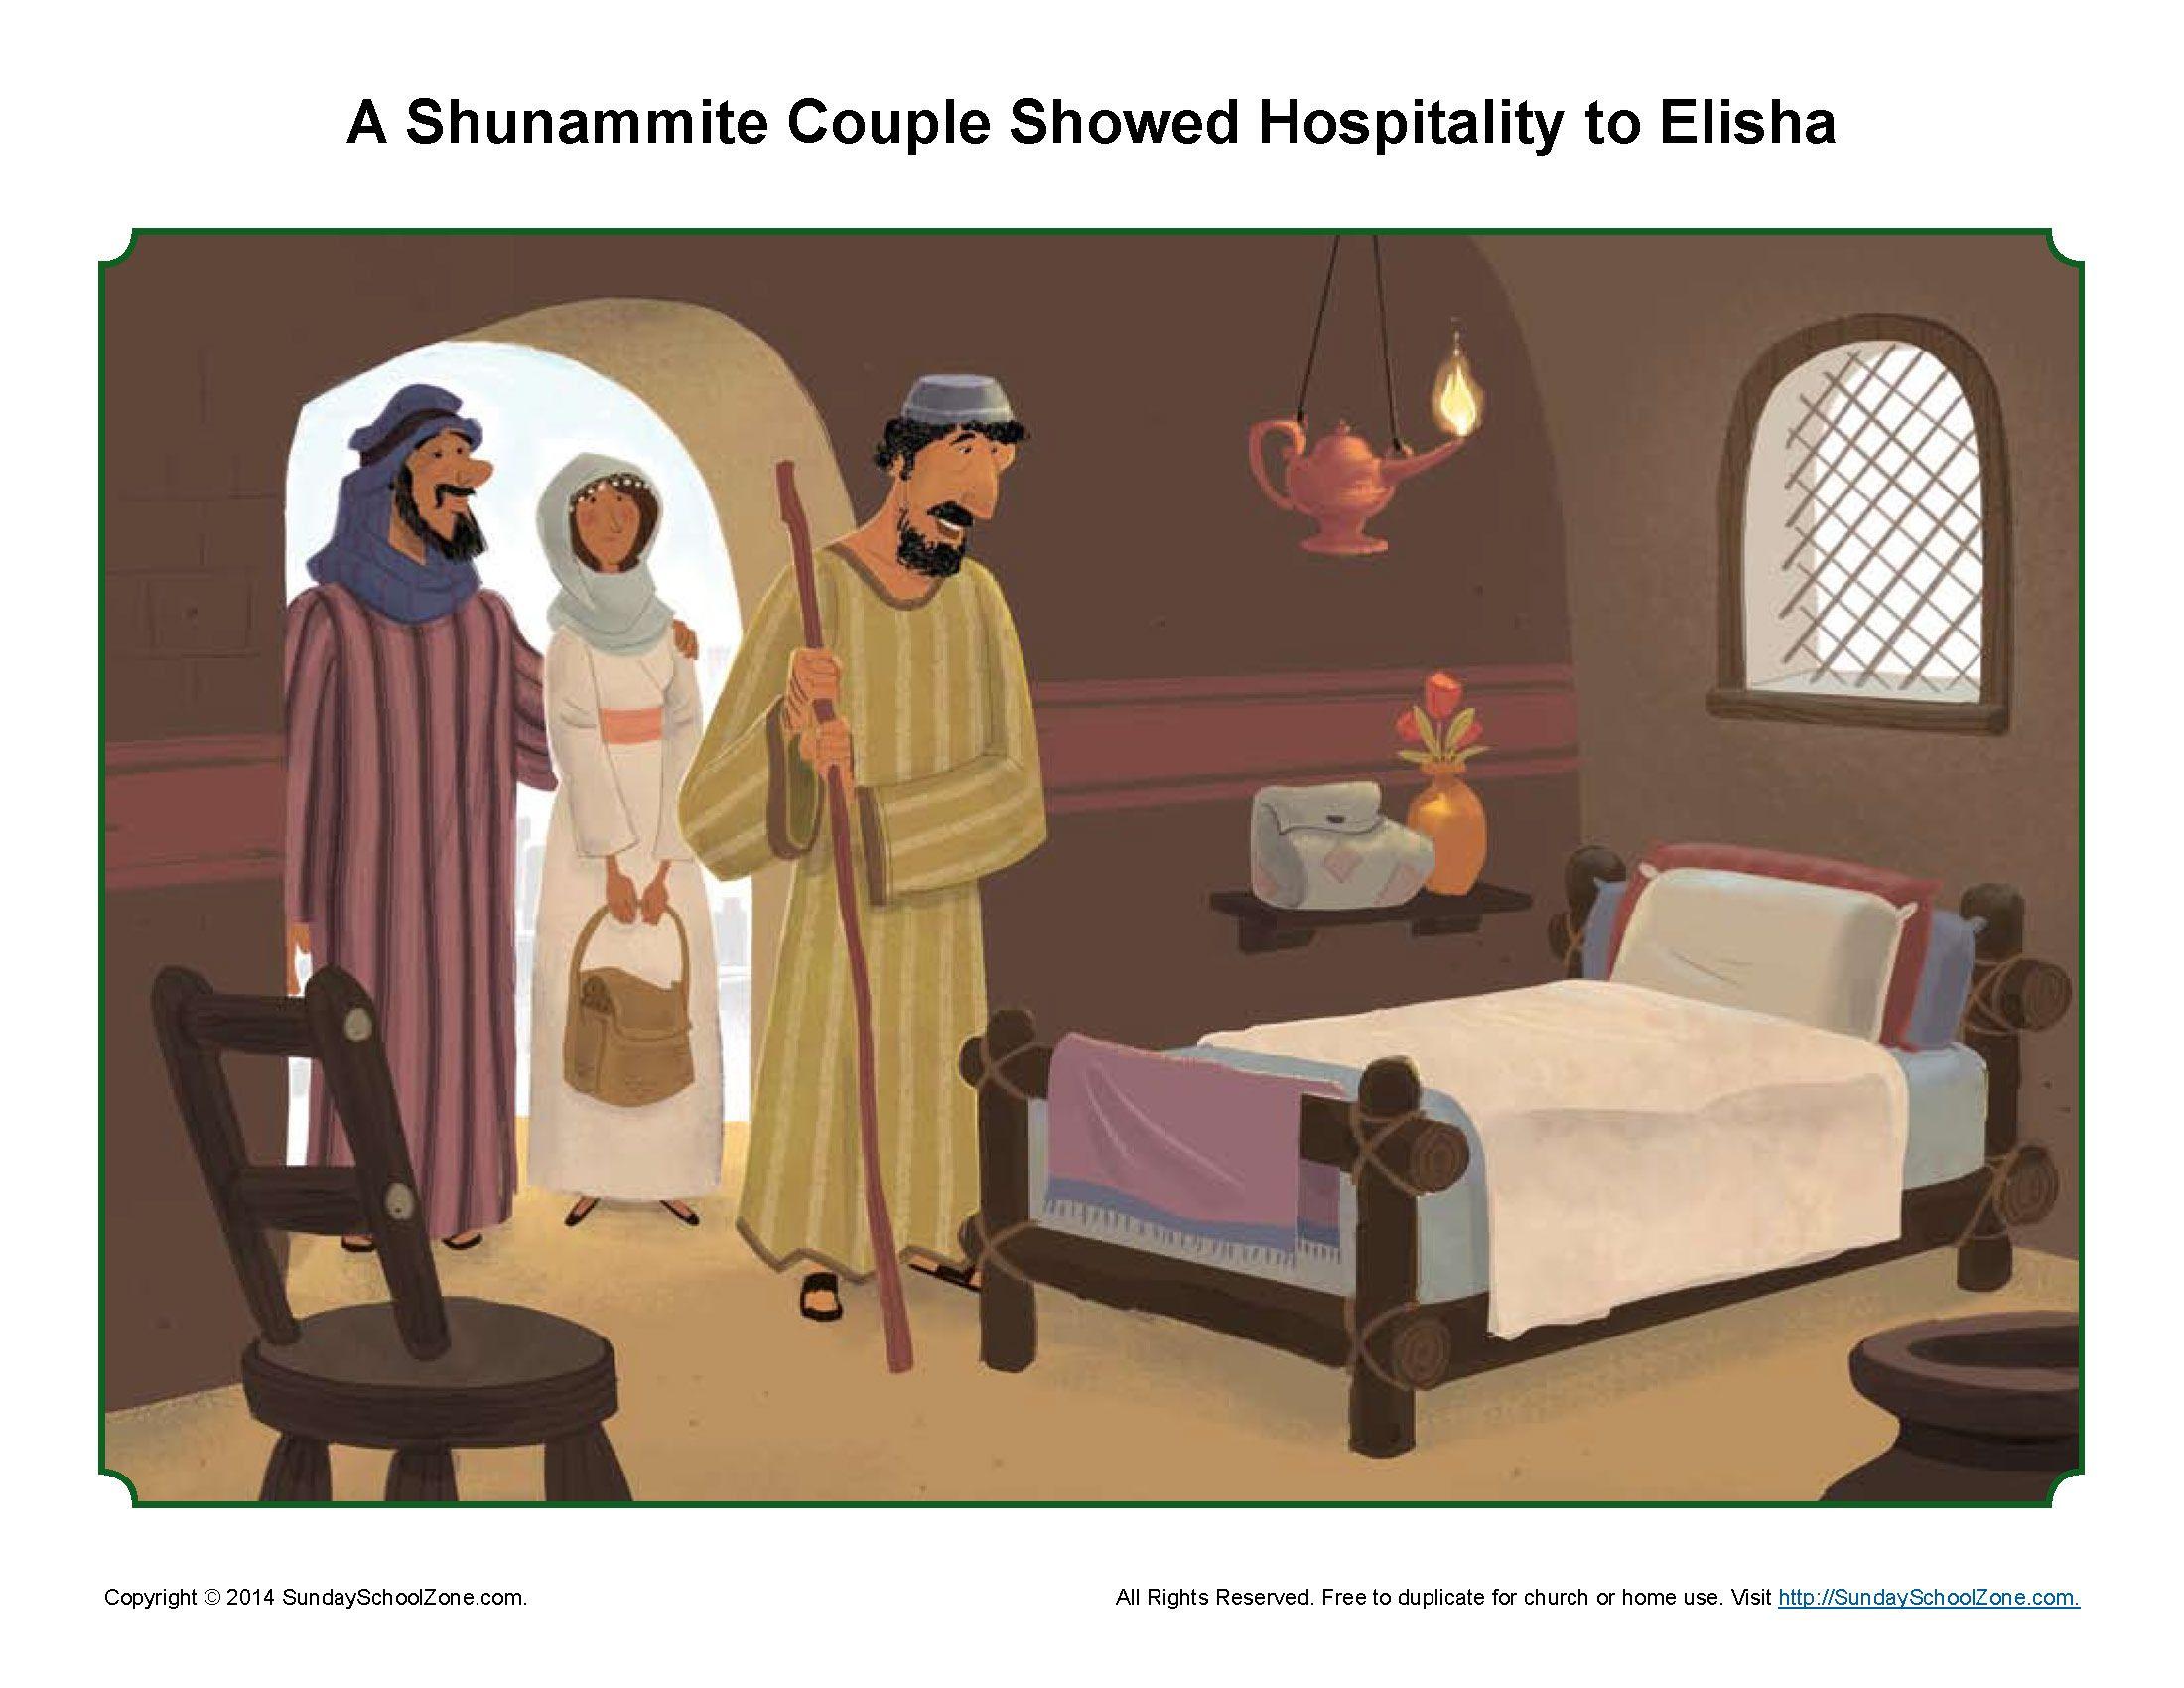 A Shunammite Couple Showed Hospitality To Elisha Story